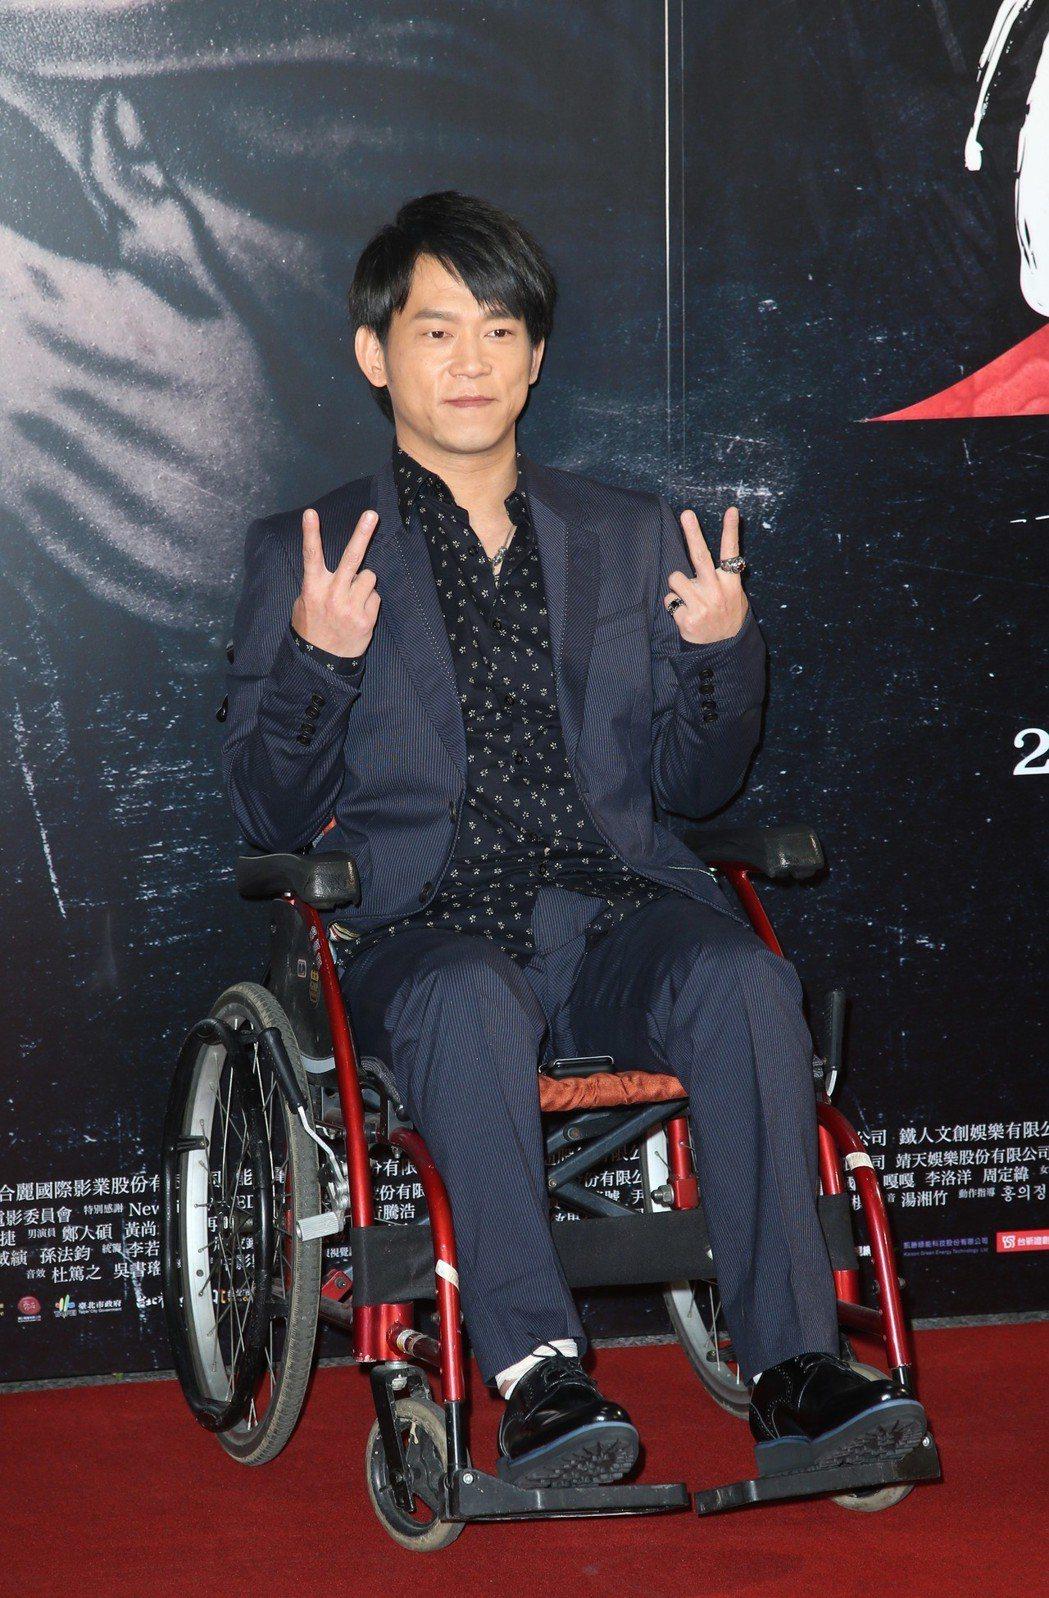 導演顏正國出席電影「角頭2」首映會。記者陳瑞源/攝影